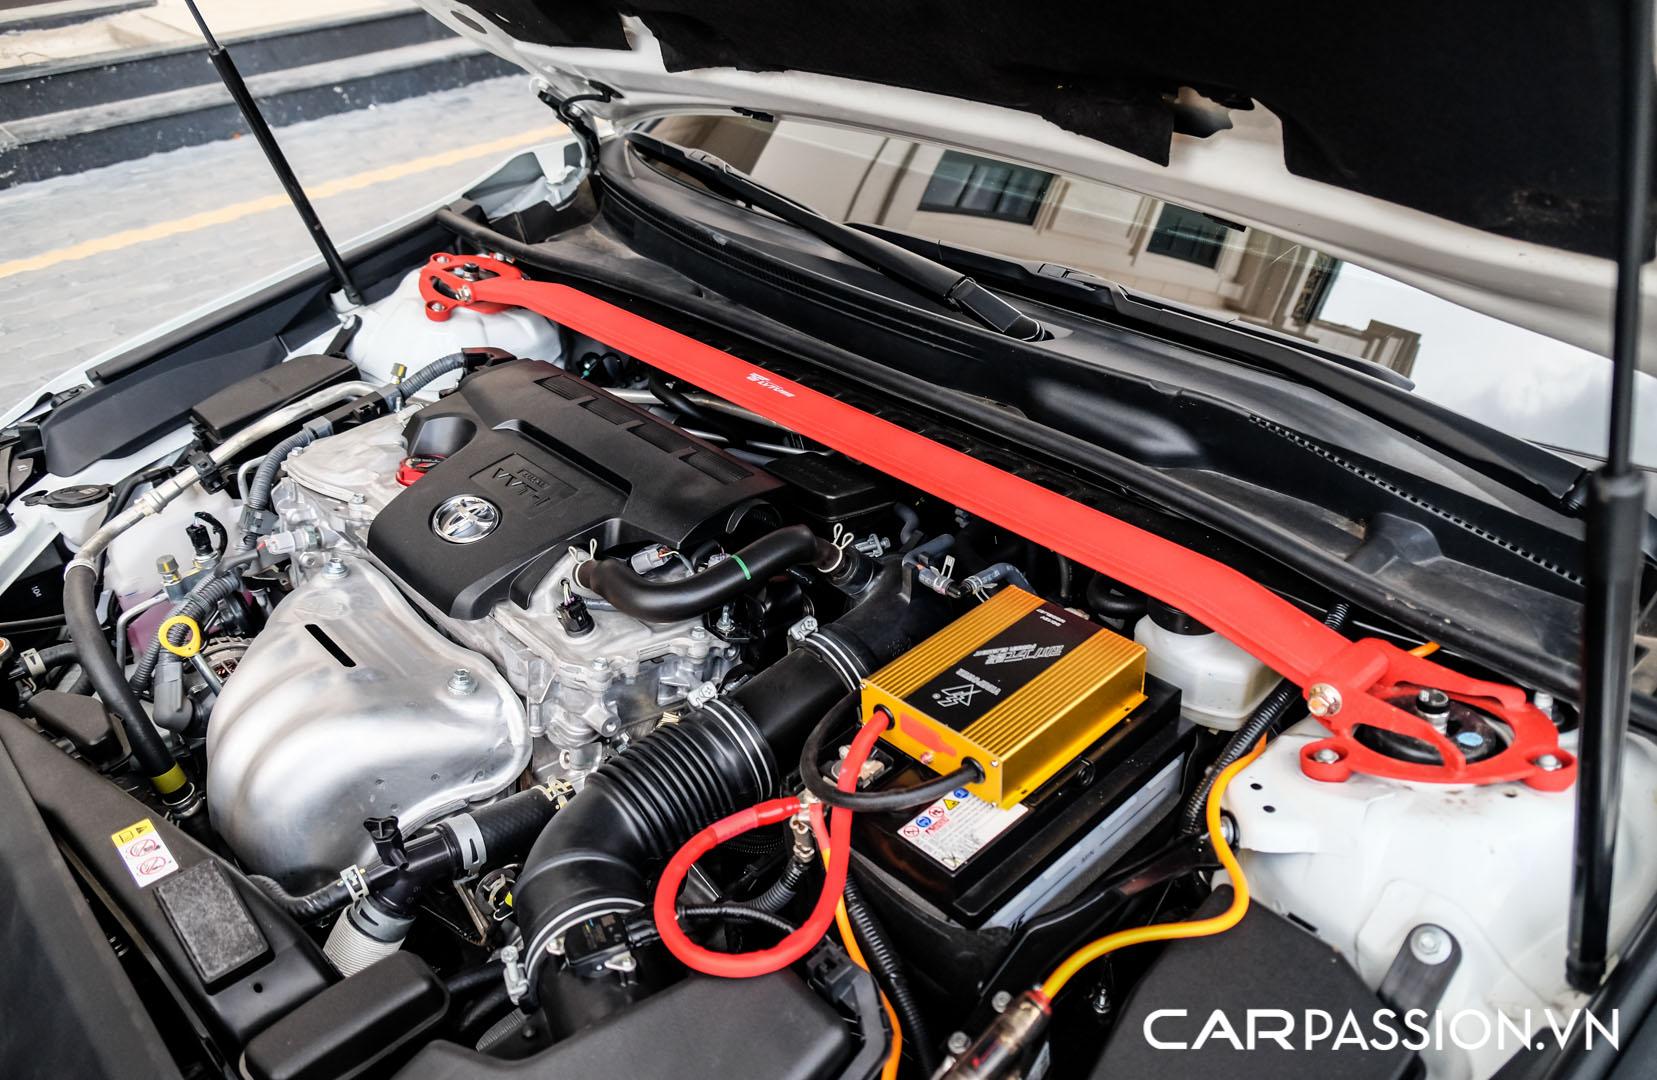 CP-Toyota Camry độ (52).jpg